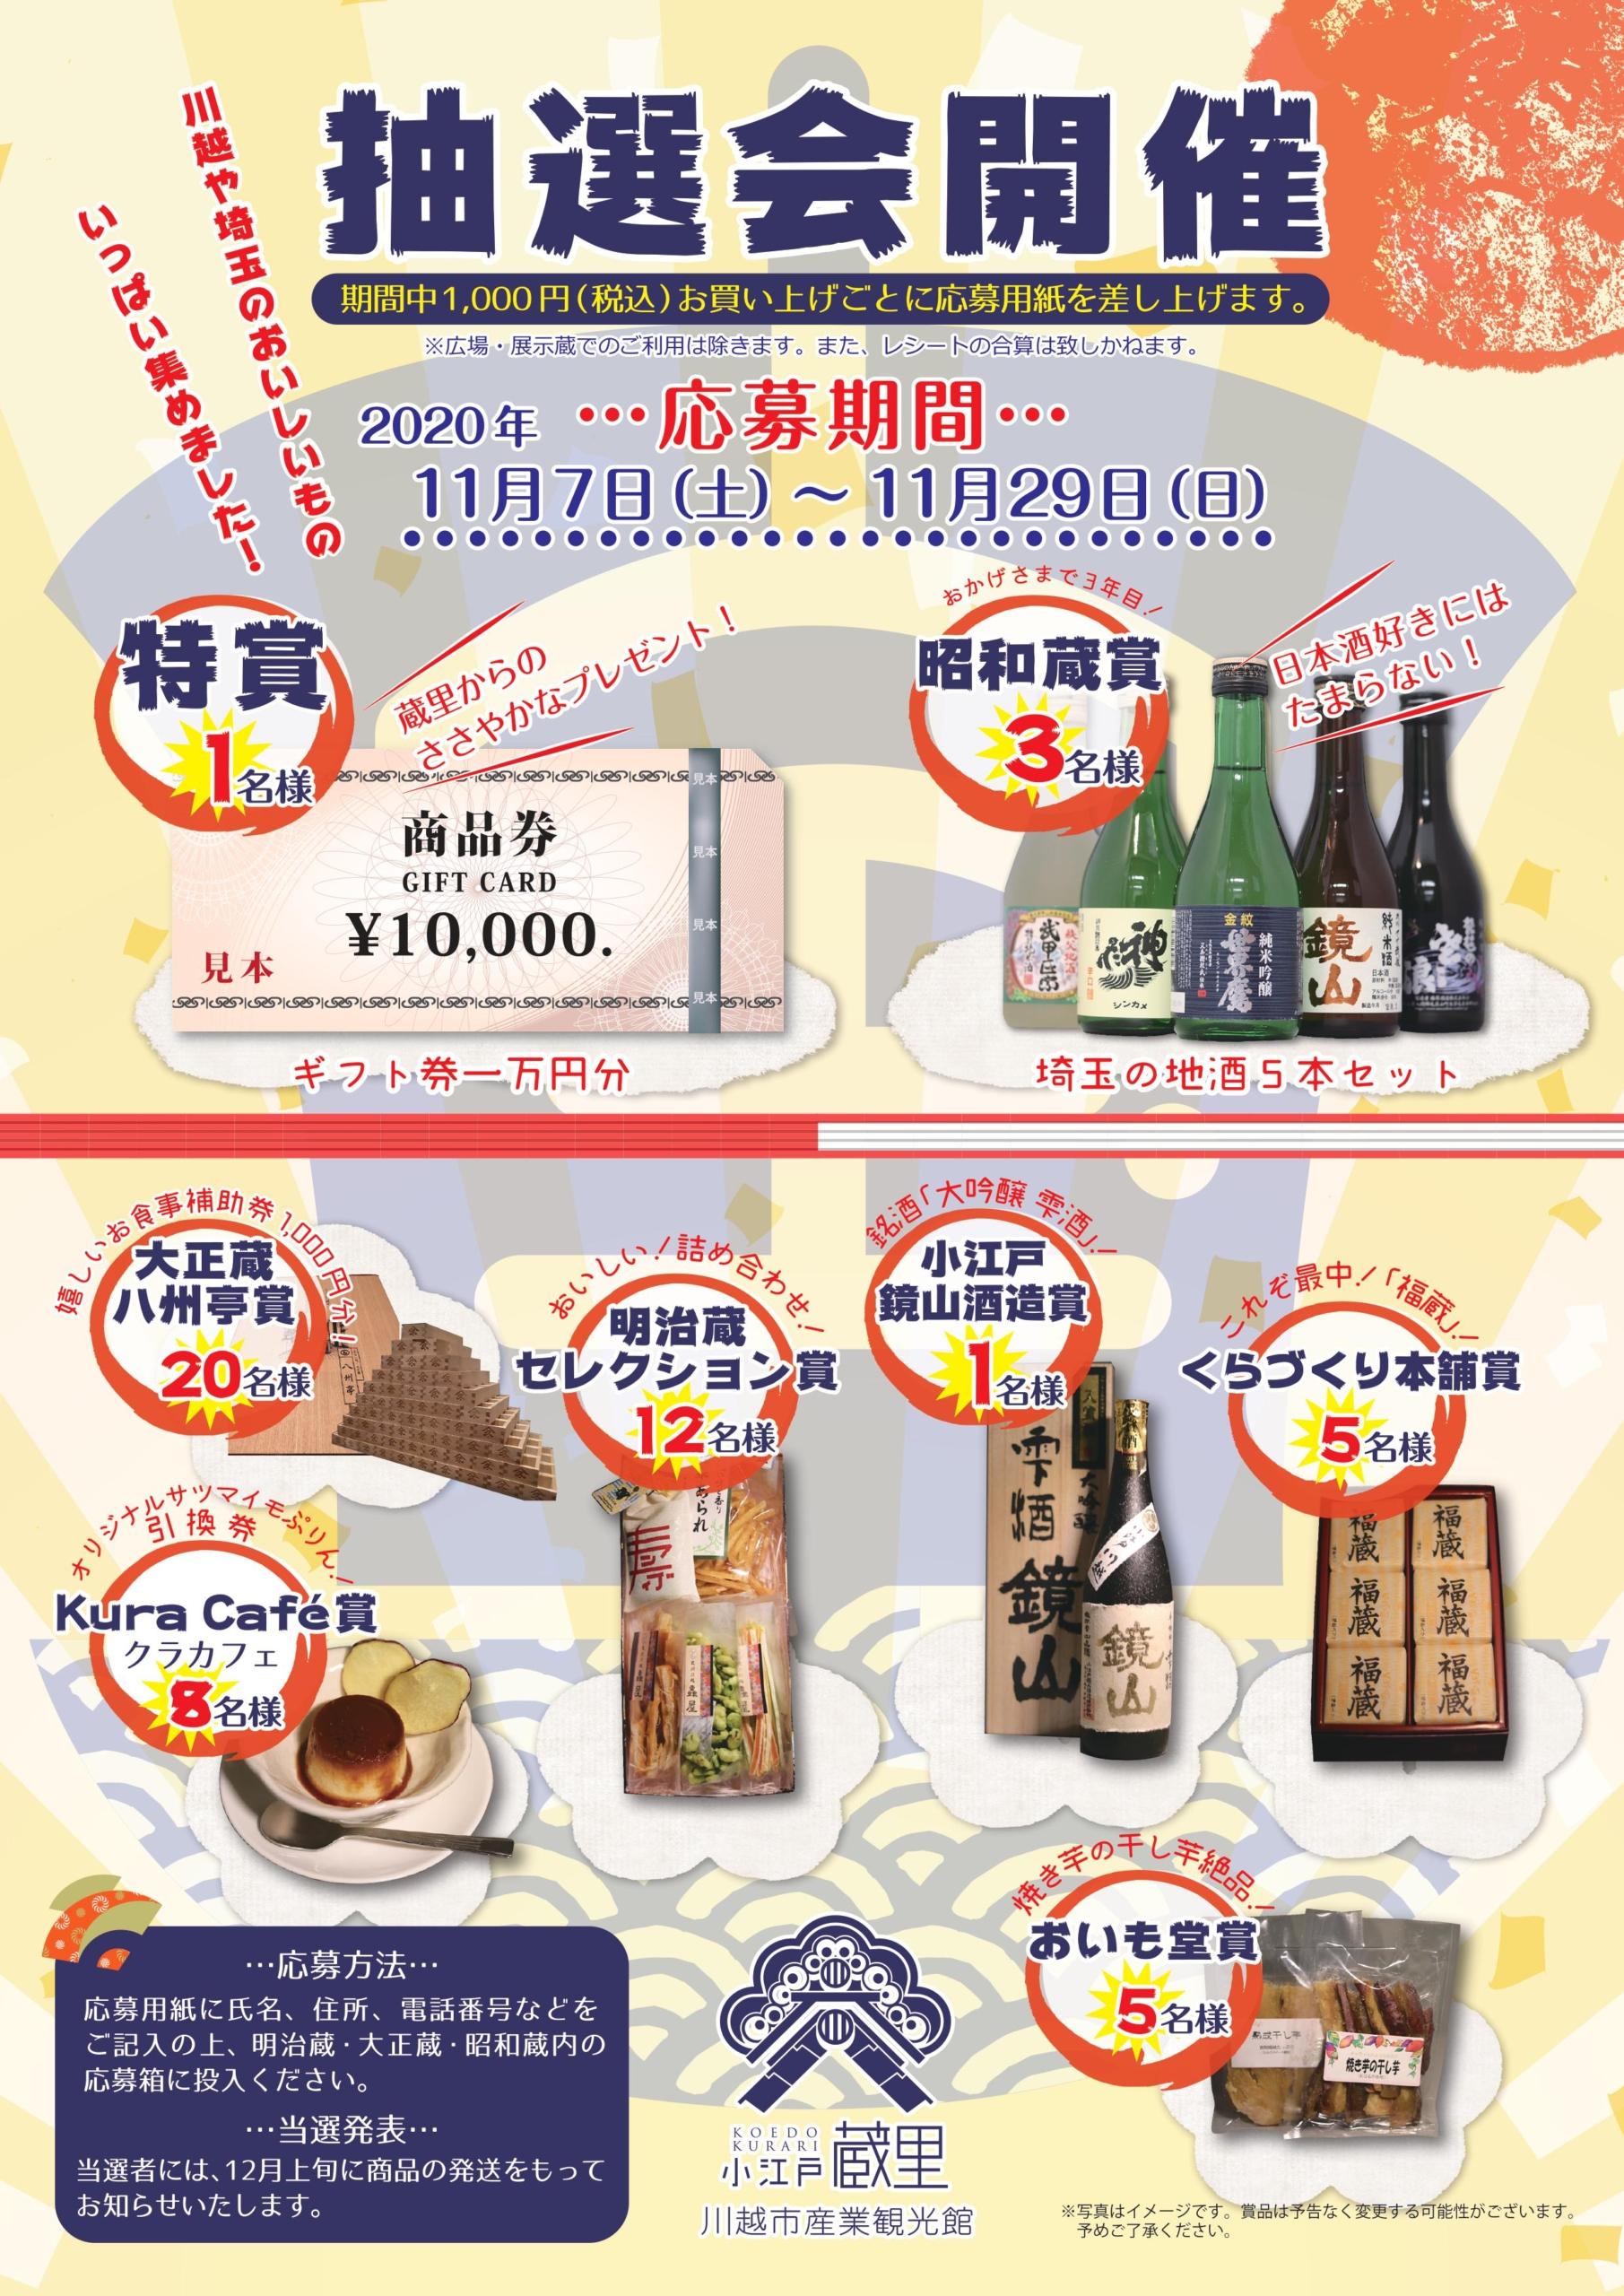 小江戸蔵里誕生祭 抽選会開催のお知らせ